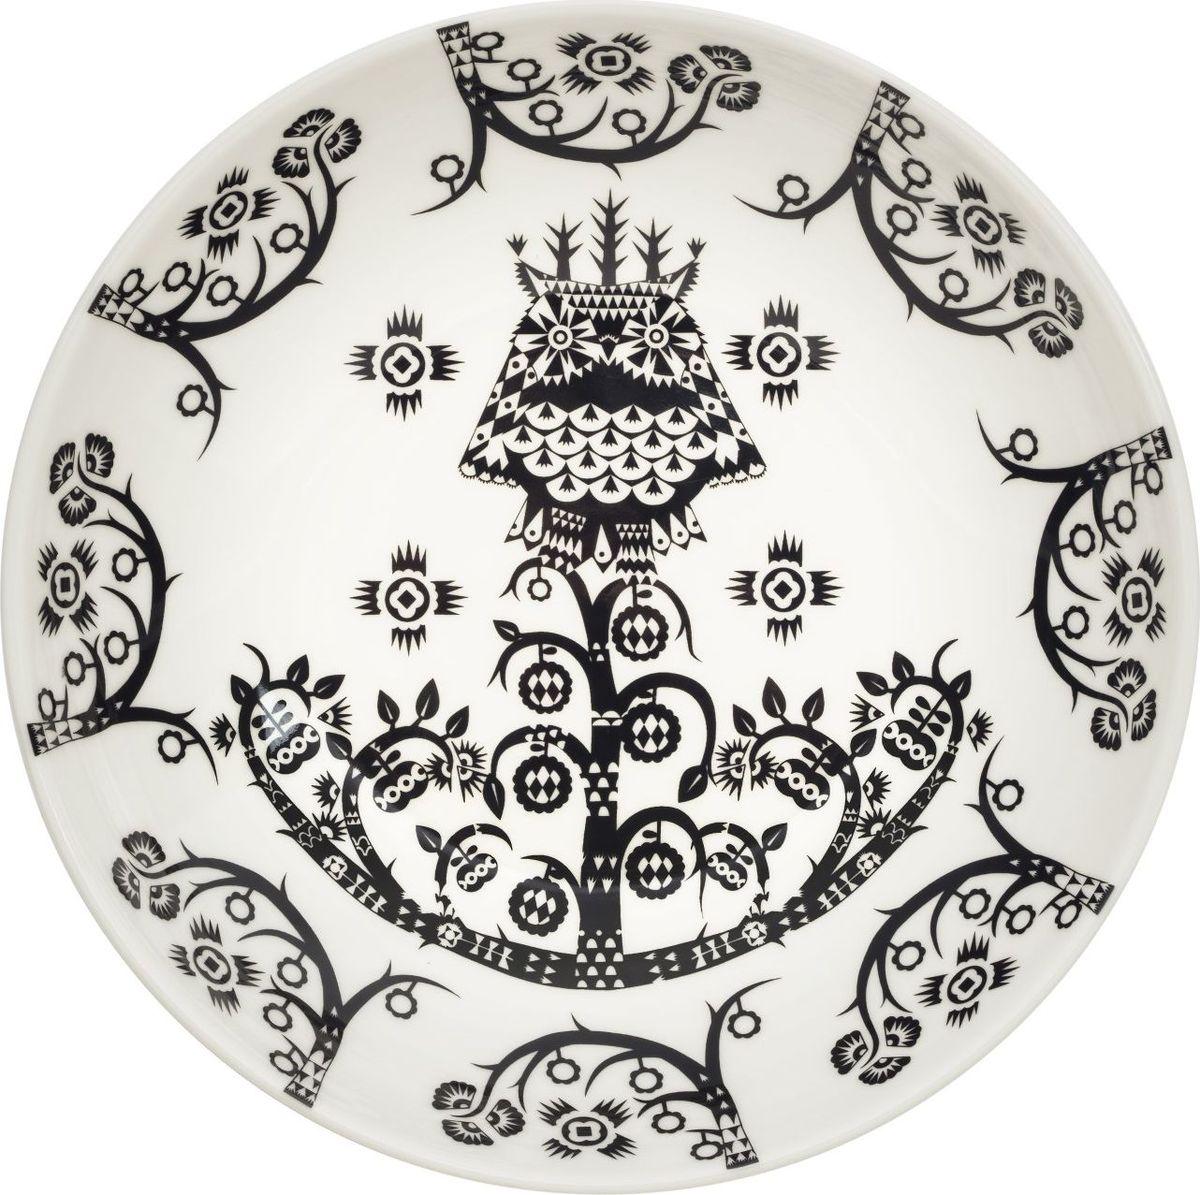 Тарелка глубокая Iittala Taika, цвет: черный, диаметр 20 см1023851Глубокая тарелка Iittala Taika выполнена из качественного жароустойчивогопрочного фарфора с долговечным стекловидным эмалевымпокрытием.Можно мыть в посудомоечной машине. Диаметр: 20 см.